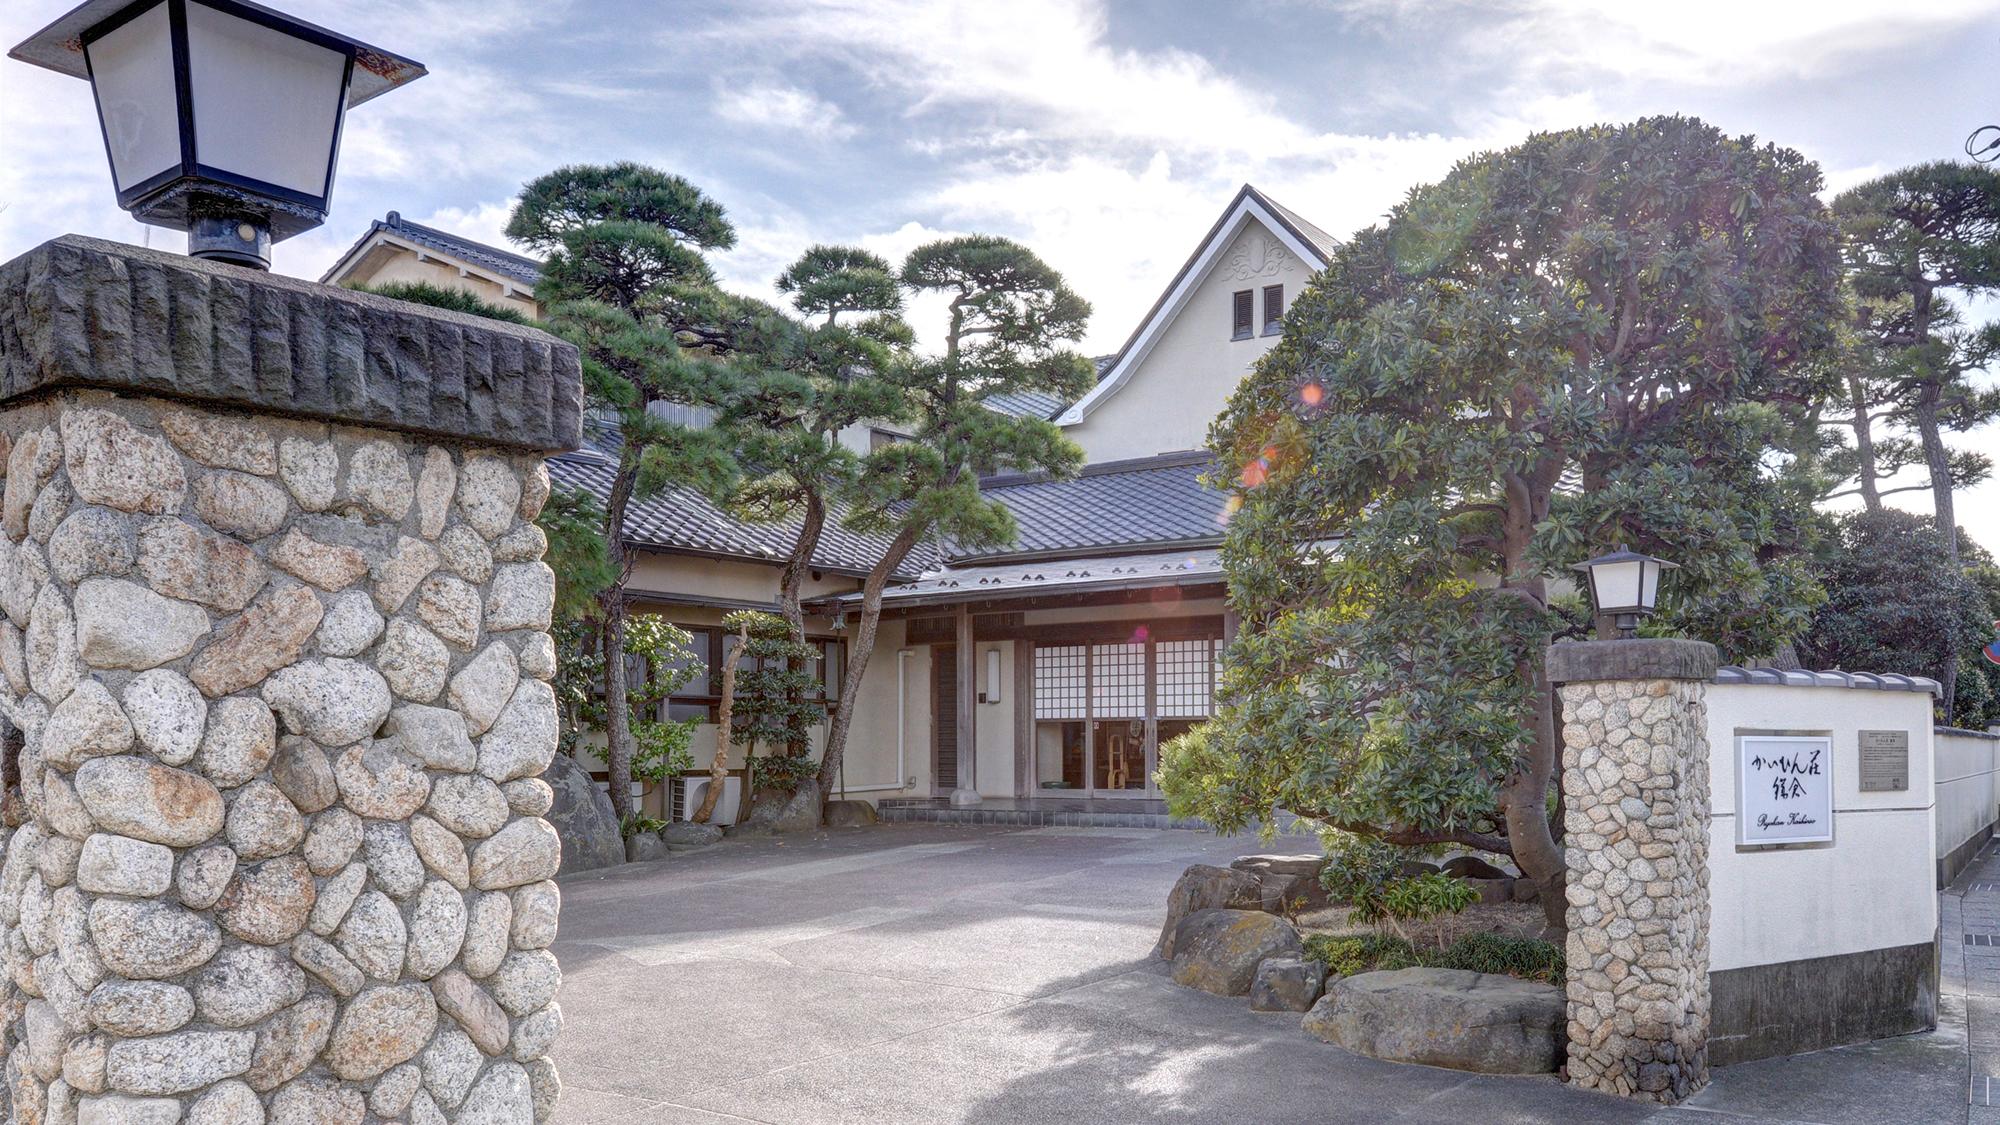 鎌倉で5人用の大部屋があるおすすめ宿は?